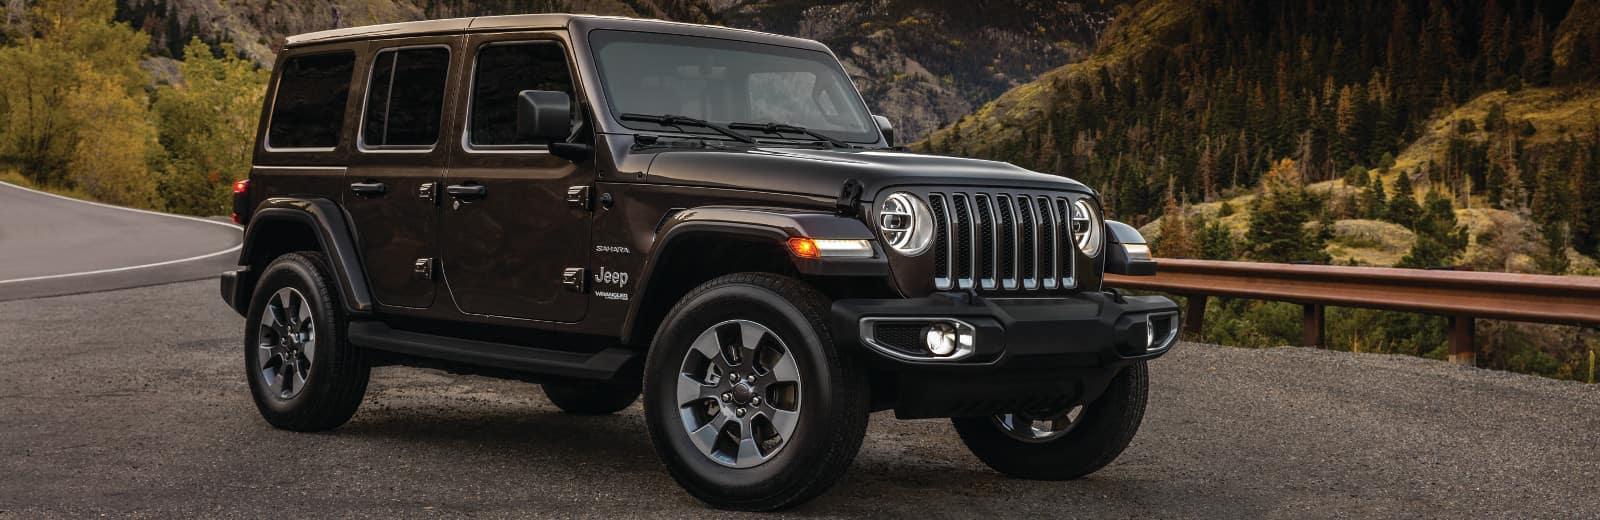 2018 Jeep Wrangler Trims: Sport Vs. Sport S. Vs. Sahara Vs. Rubicon |  Ellisville, MO